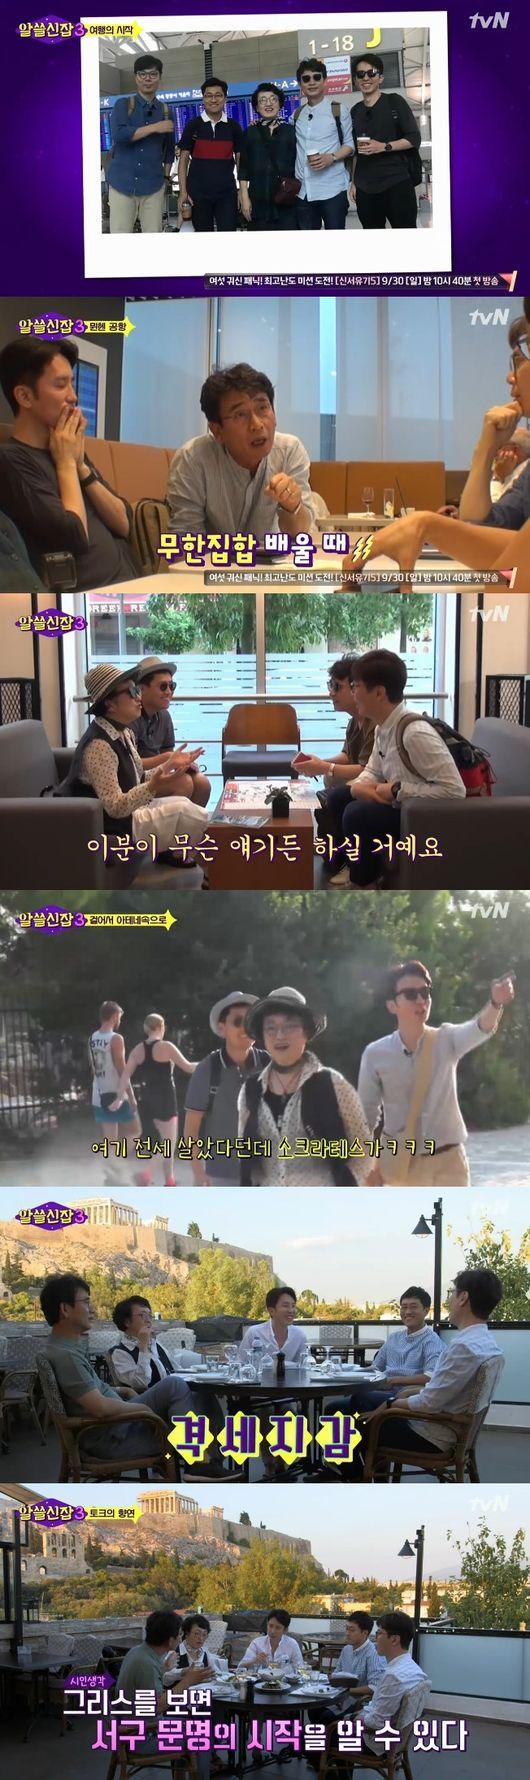 유럽으로 떠난 '알쓸신잡3', 업그레이드된 지식의 향연 [첫방②]